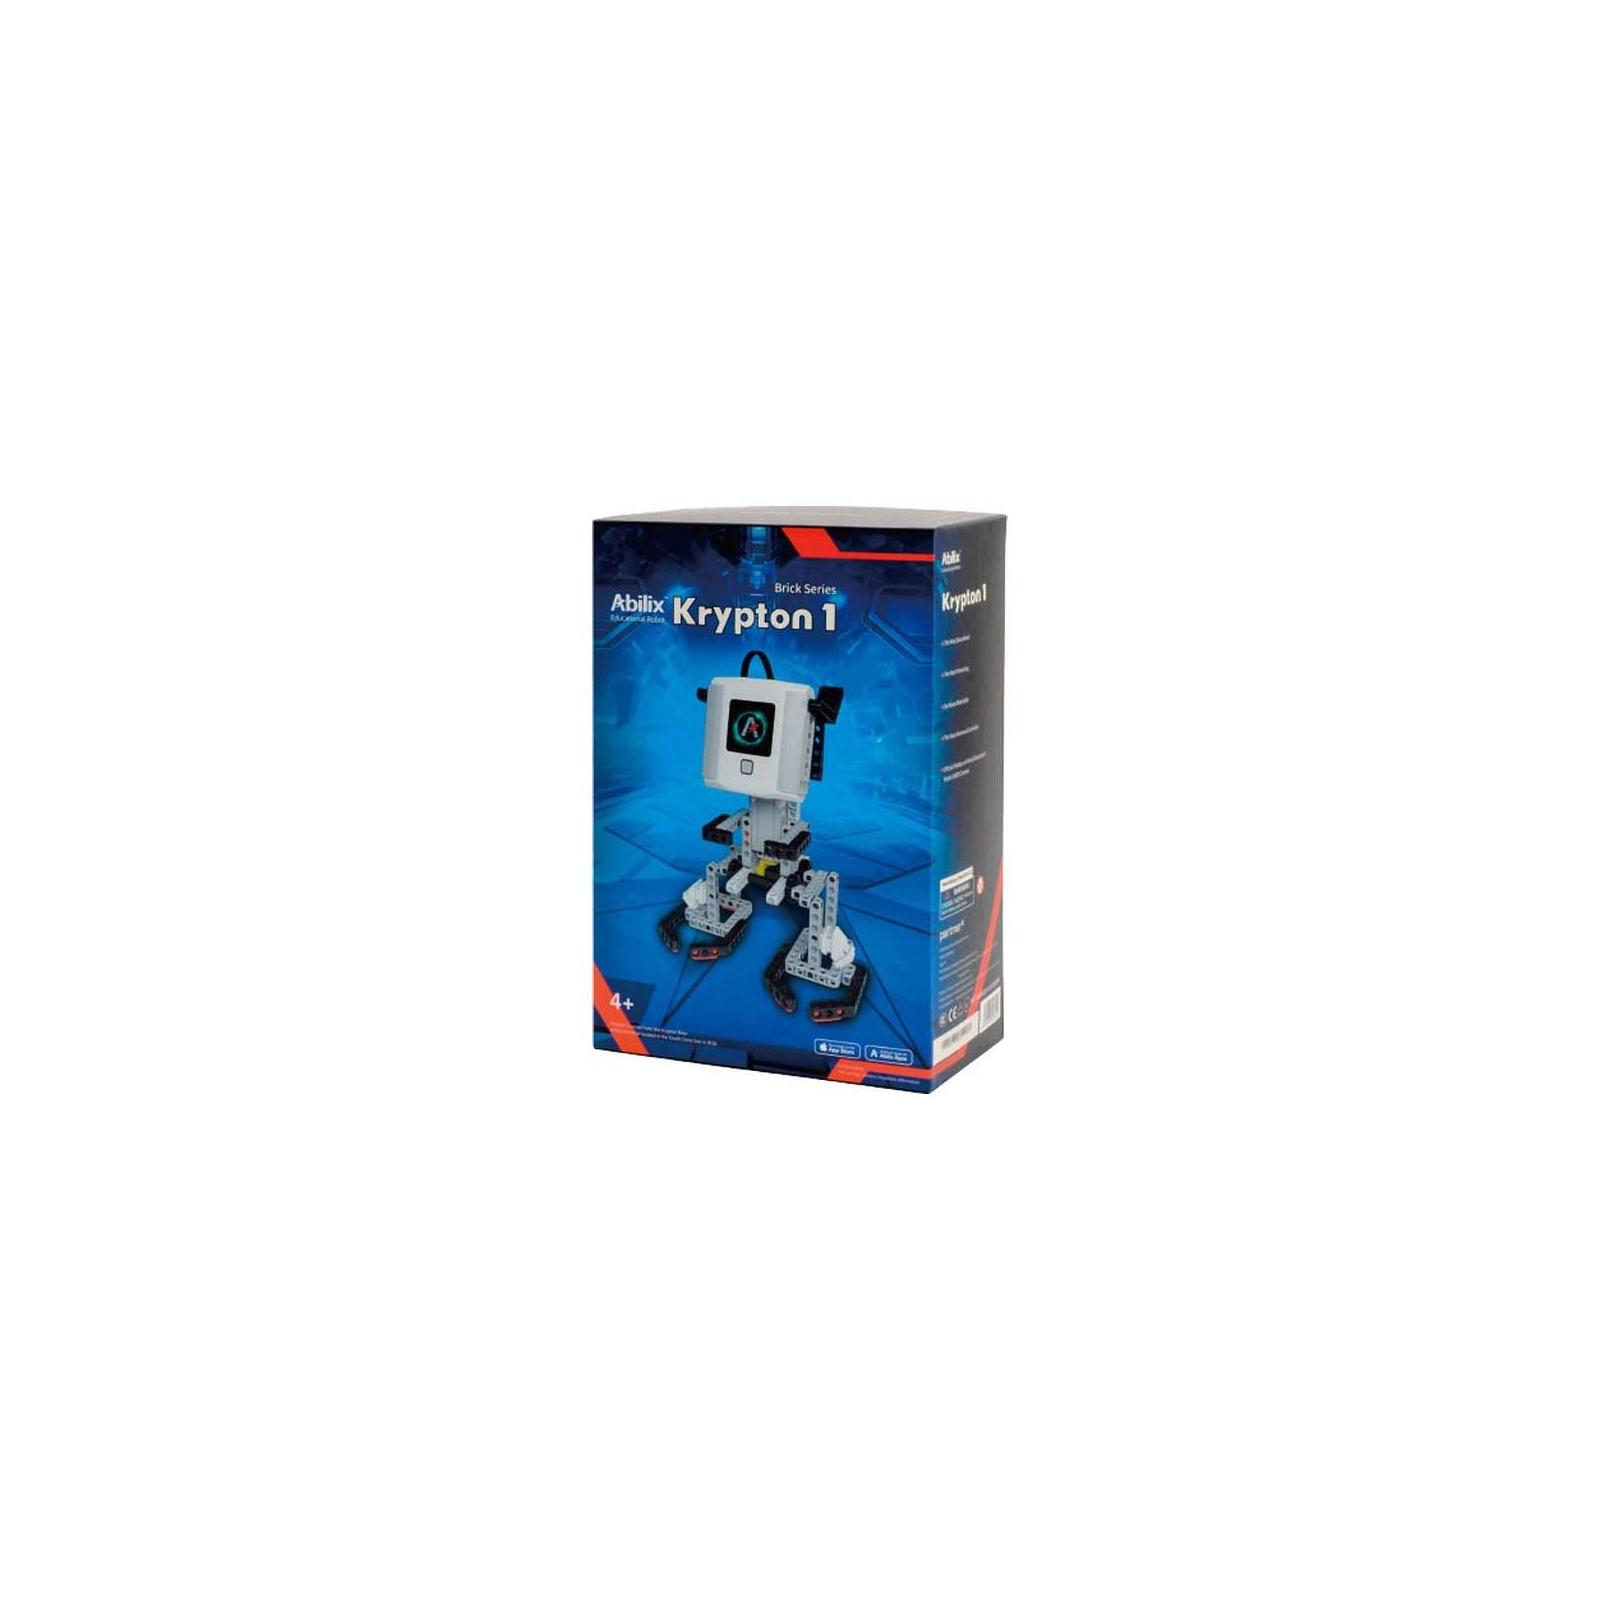 Робот Abilix Krypton 1 (Krypton_1) изображение 9